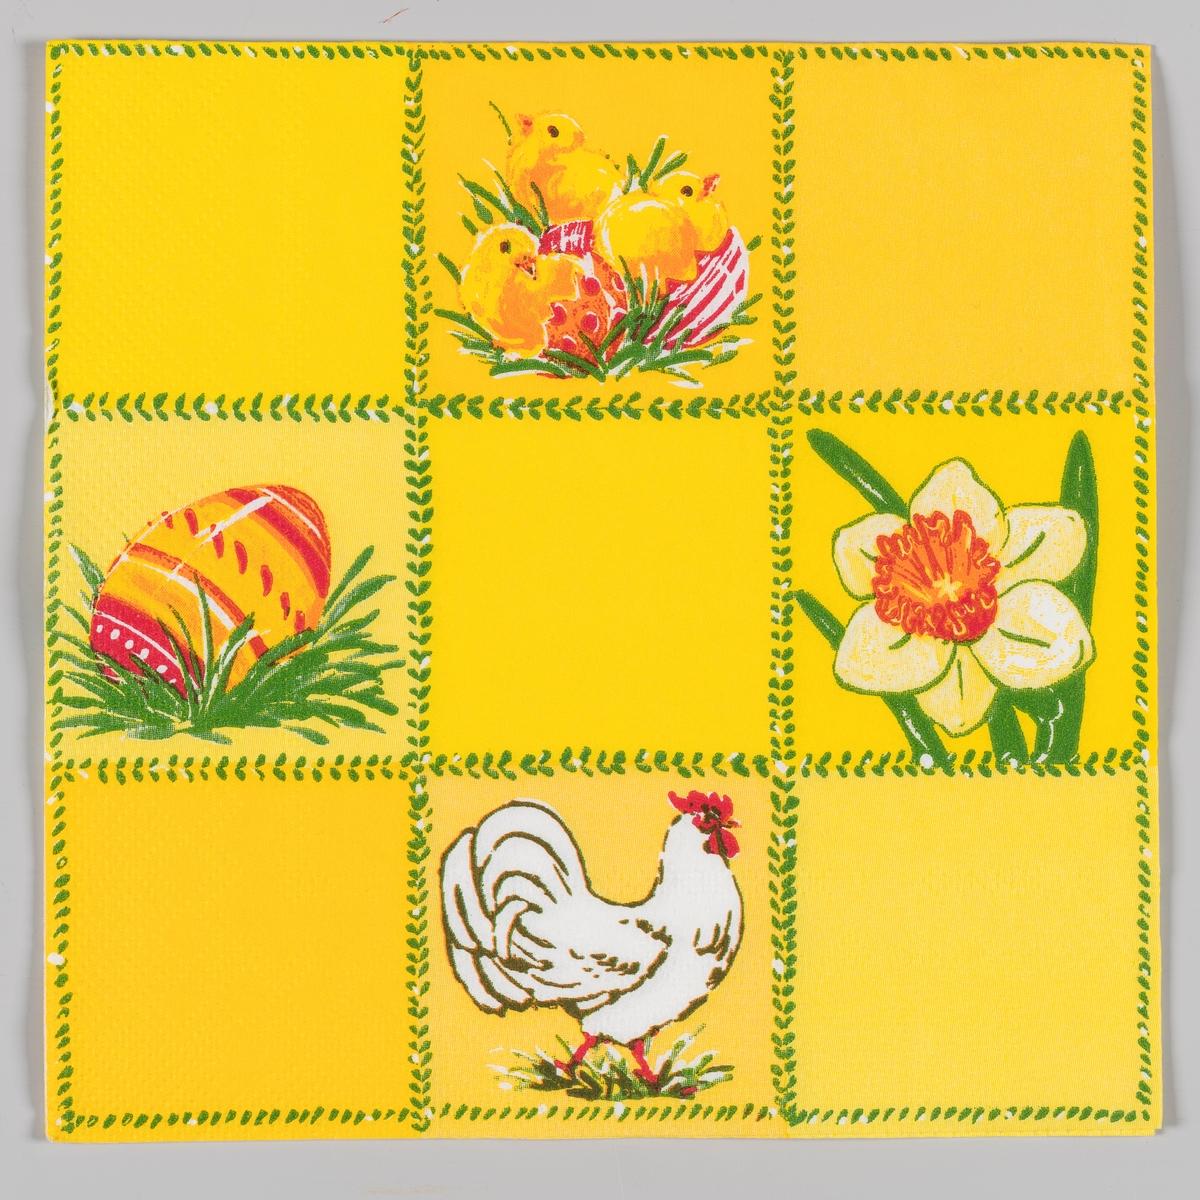 Servietten er inddelt i 9 firkantede felter, hvorav 4 er med ulike motiv. Kyllinger i eggeskall. Dekorert påskeegg i gress. Påskelilje. Hvit høne.